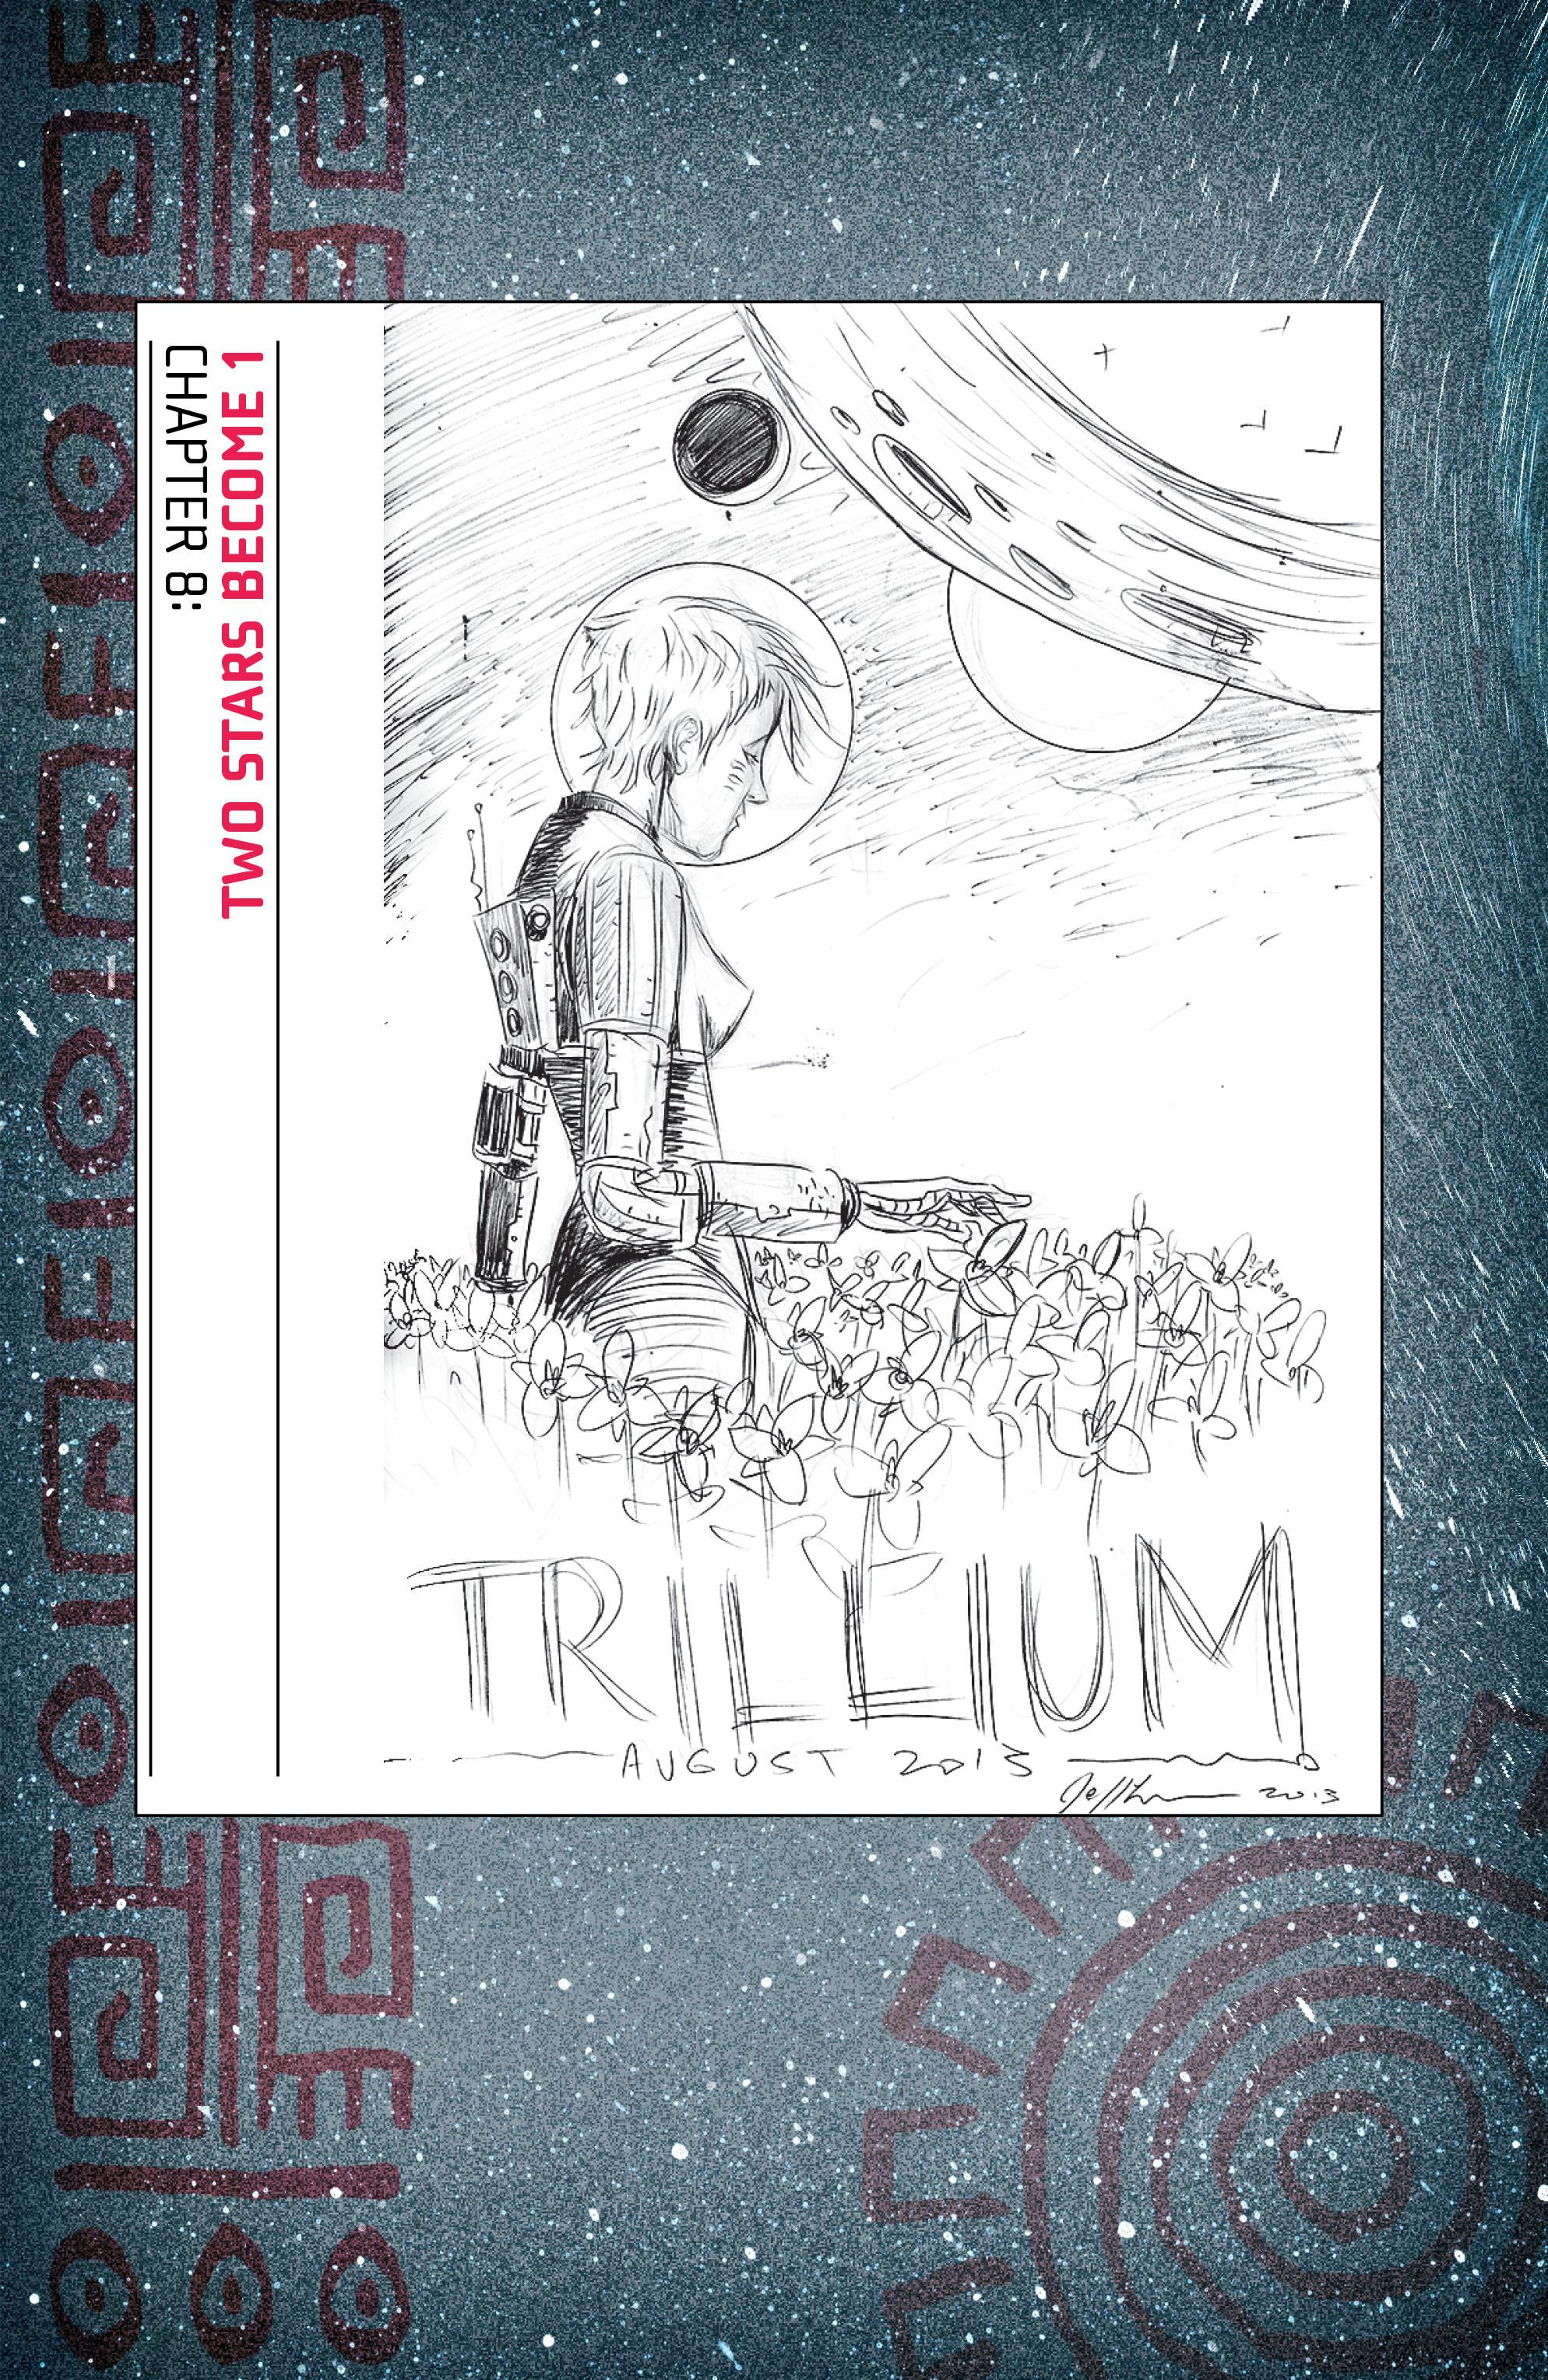 Read online Trillium comic -  Issue # TPB - 182